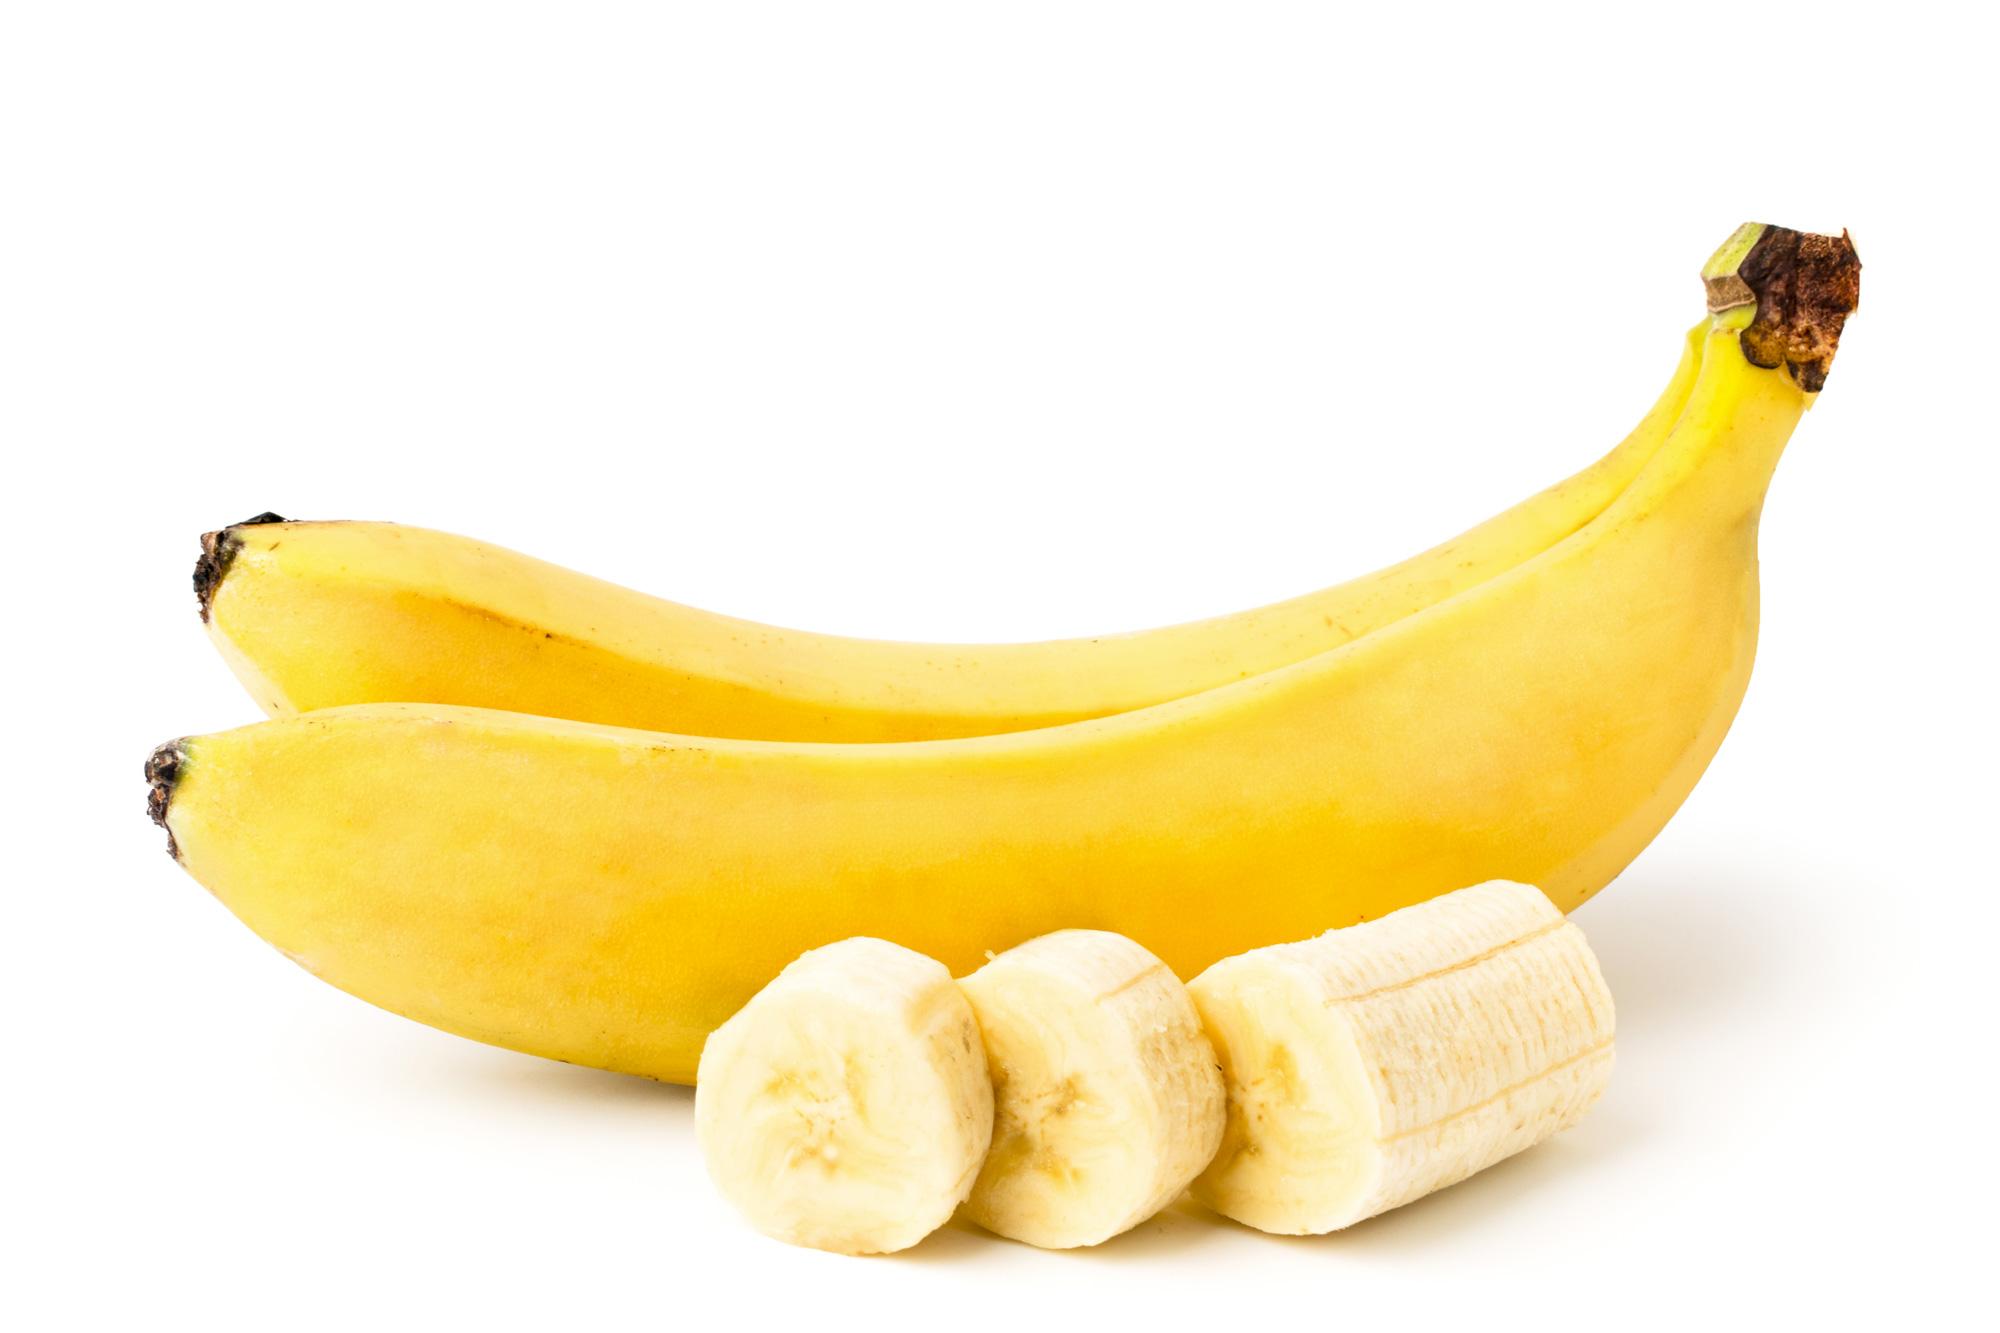 banane(s)